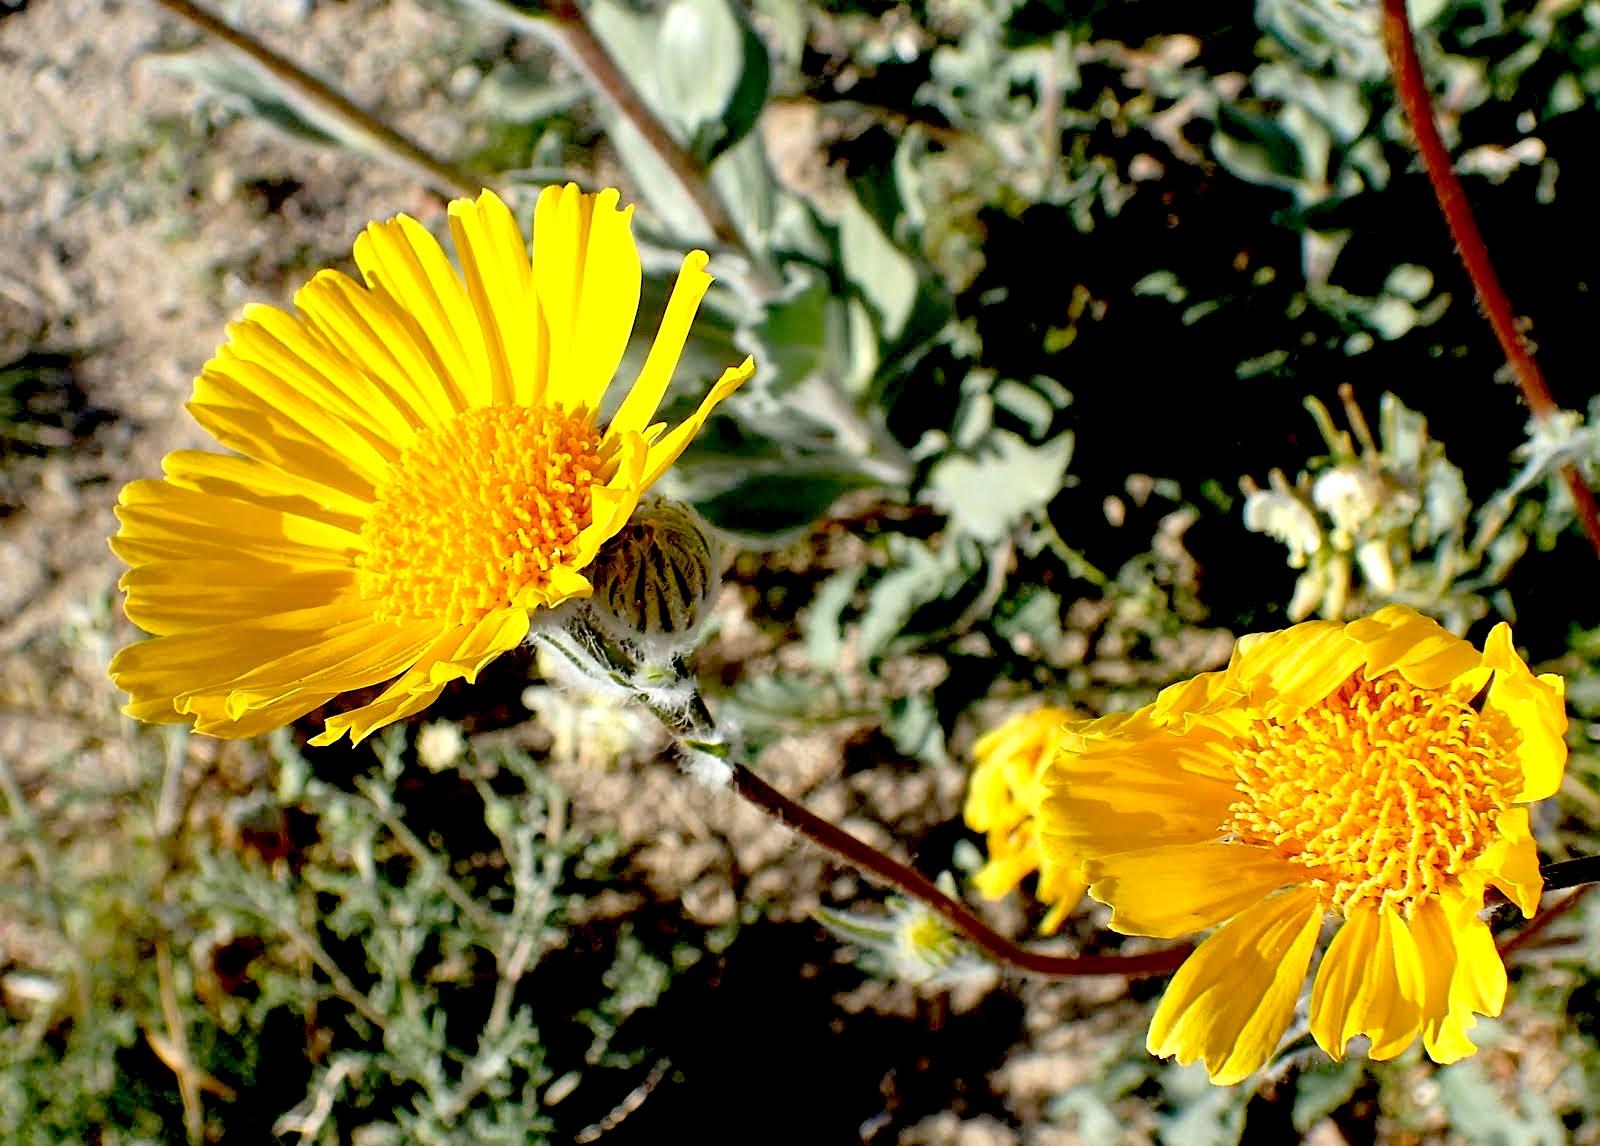 Hairy Desert Sunflower (Geraea canescens) PC: Lee Gordon